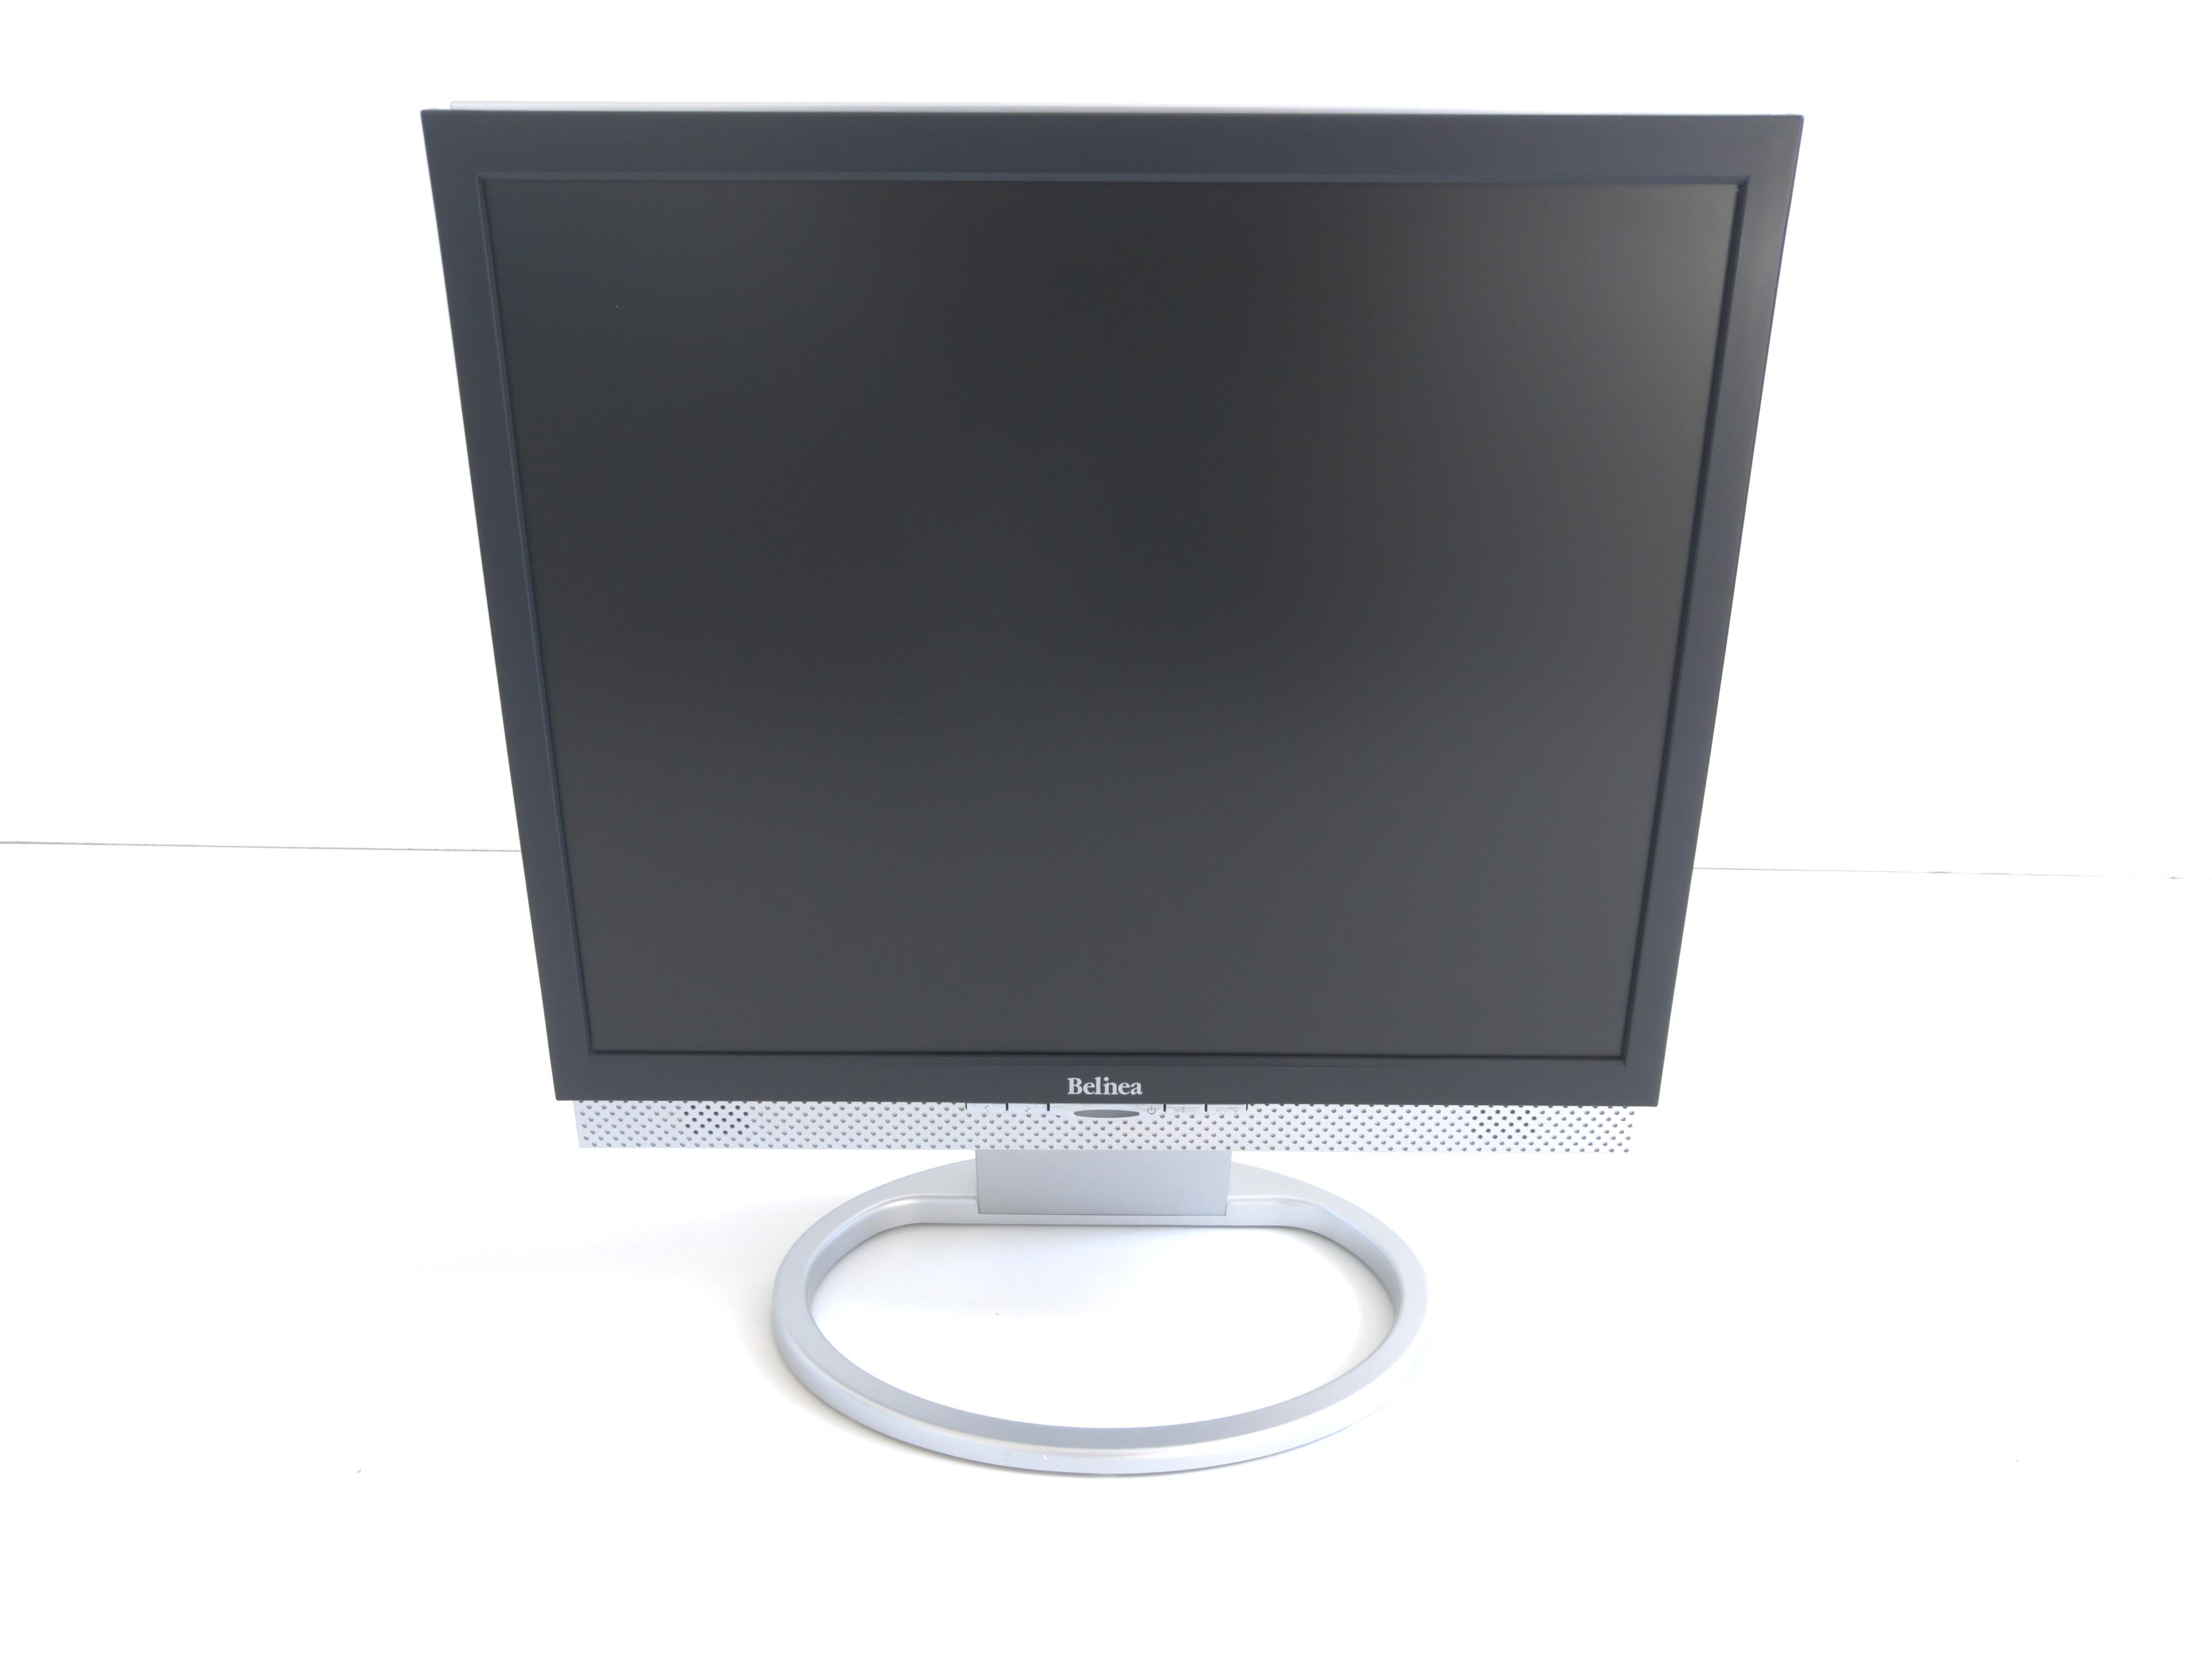 Monitor Belinea 101720 17''